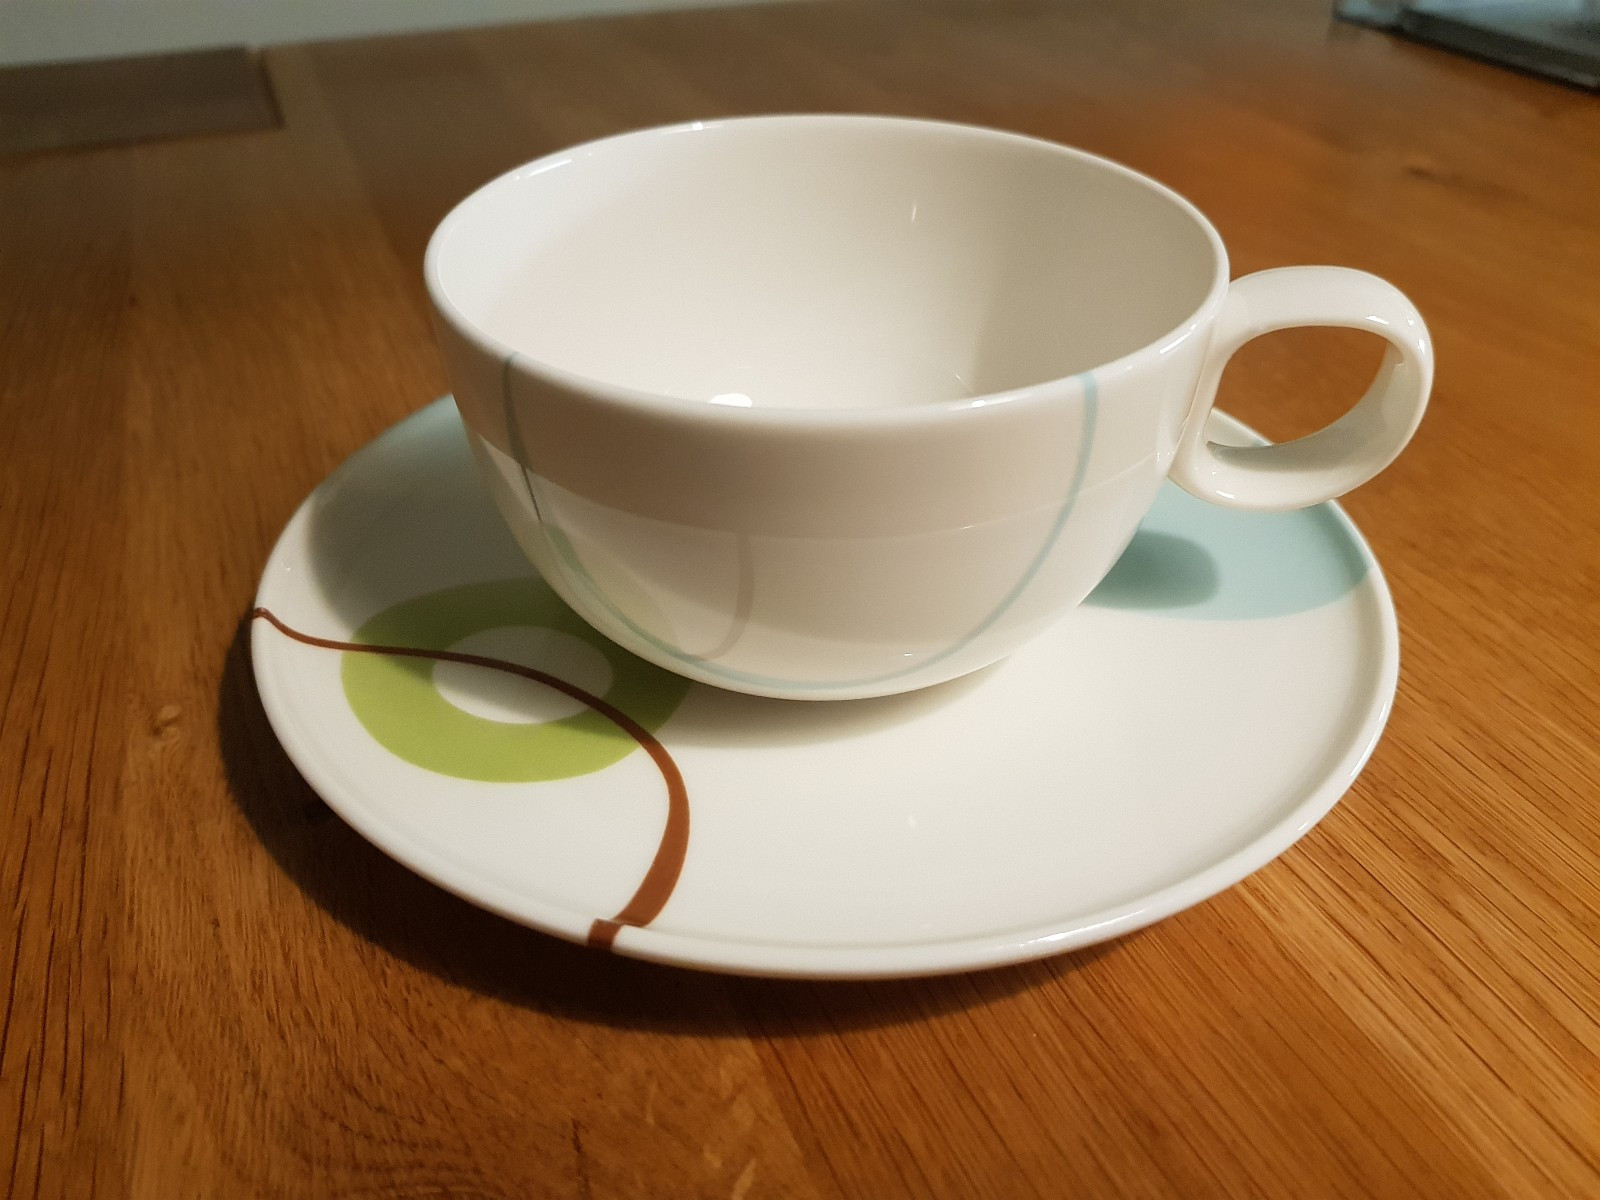 Disk blue servise: kopp, skål og melkemugge - Oslo  - 3 kopper og 4 skåler og melkemugge i serviset Disk Blue selges.  Lokk til sukkerskål gis bort gratis.  1 kopp + skål: 50 kroner  3 kopper + 4 skåler: 100 kroner Melkemugge: 100 kroner  Ser - Oslo